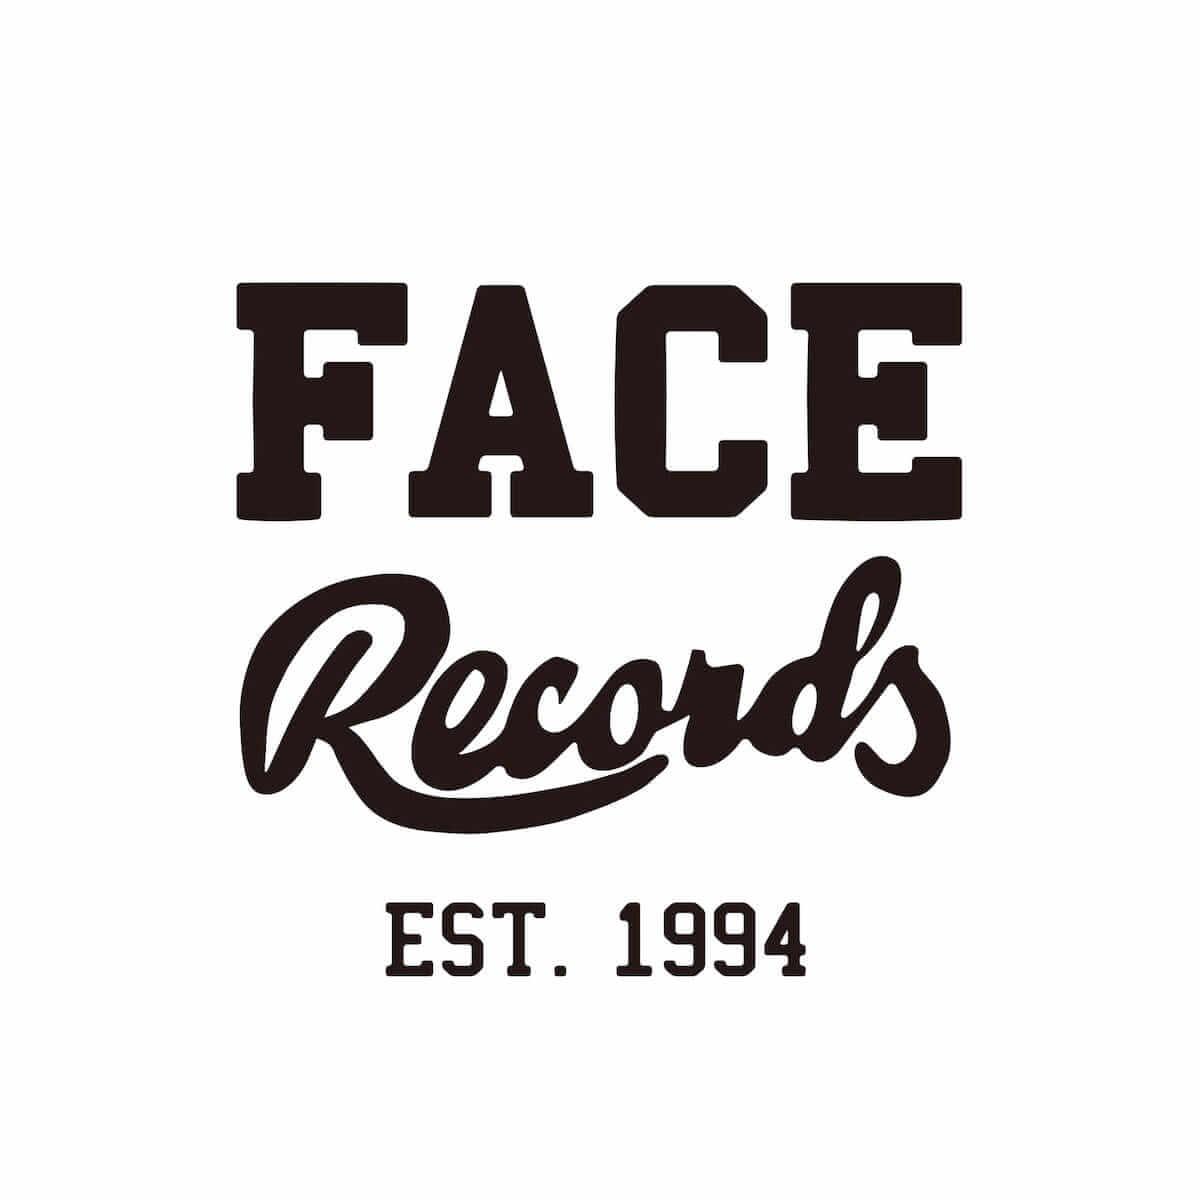 業界初!NYへの出店を果たした渋谷の老舗レコード店FACE RECORDSって? artculture180731_facerecords_kawasaki_01-1200x1200